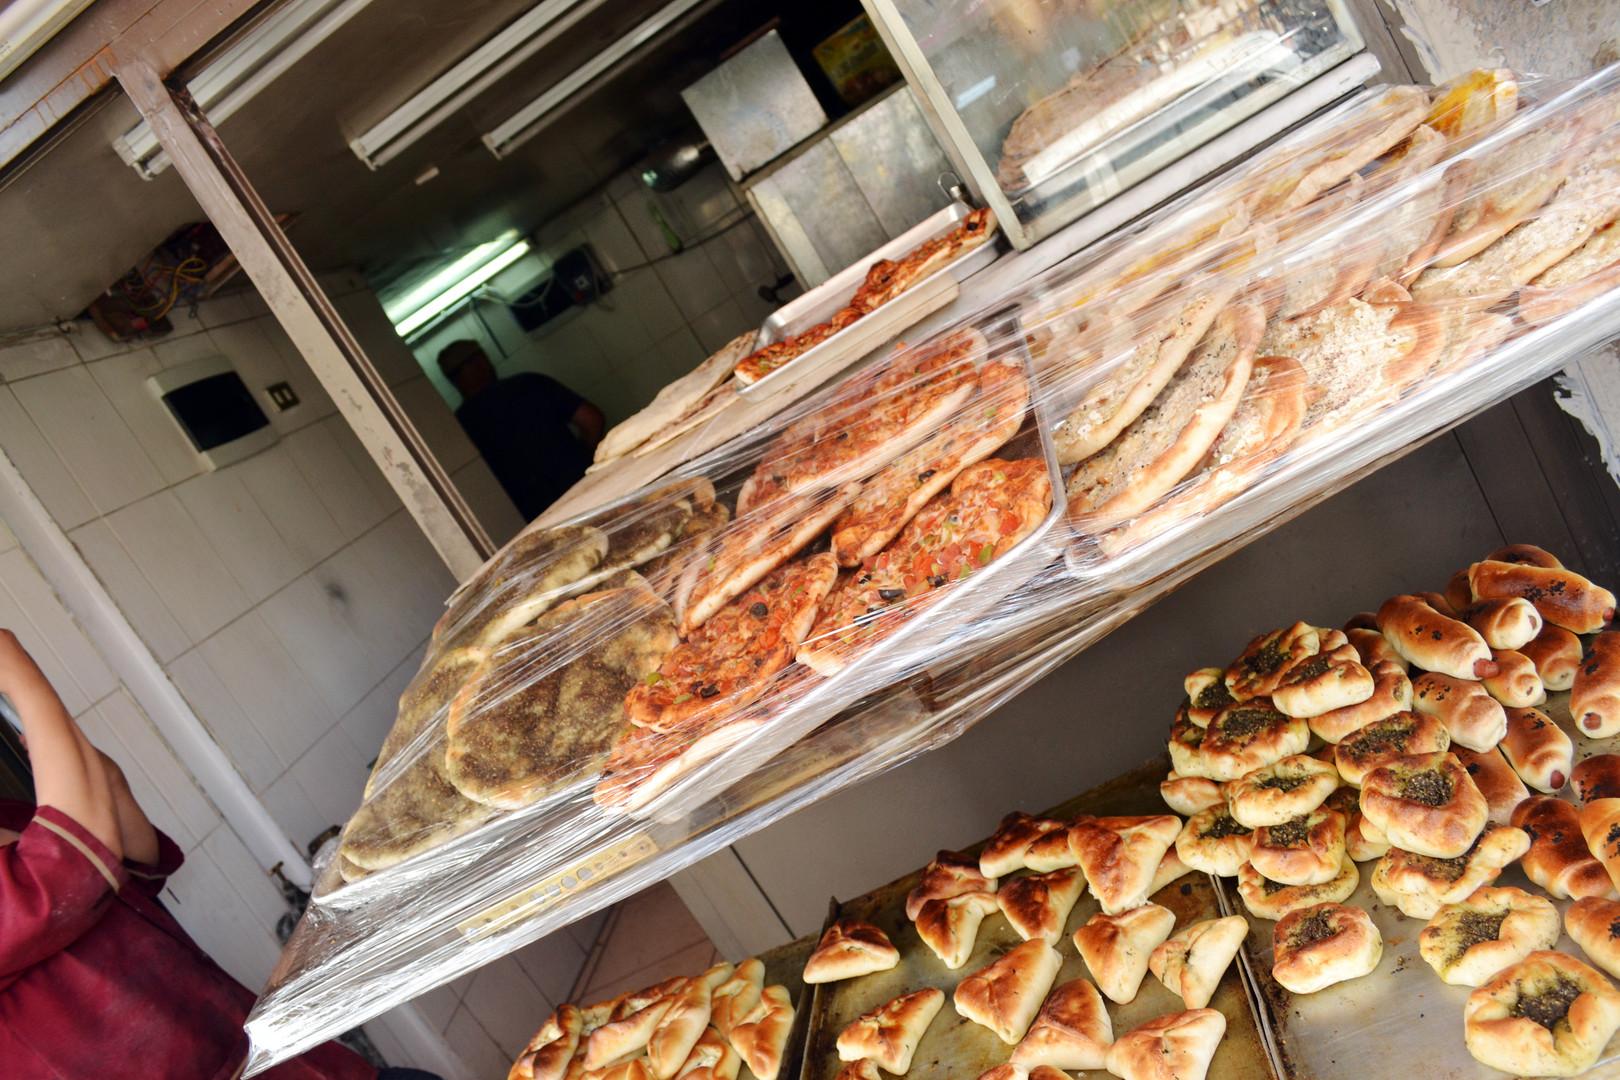 To so jedi iz Levanta – Sirije, Jordanije, Palestine in Libanona. Pecivo, polnjeno z mesom ali sirom, za'tarom (začimbami) ali špinačo. Slastno, a vendar so najboljše pite tiste, ki jih speče moja mati.  This is the food of the Levant - Syria, Jordan, Palestine and Lebanon; the pastries filled with meat or cheese, za'tar or spinach. Delicious, but still, the best pies are those that my mother makes.